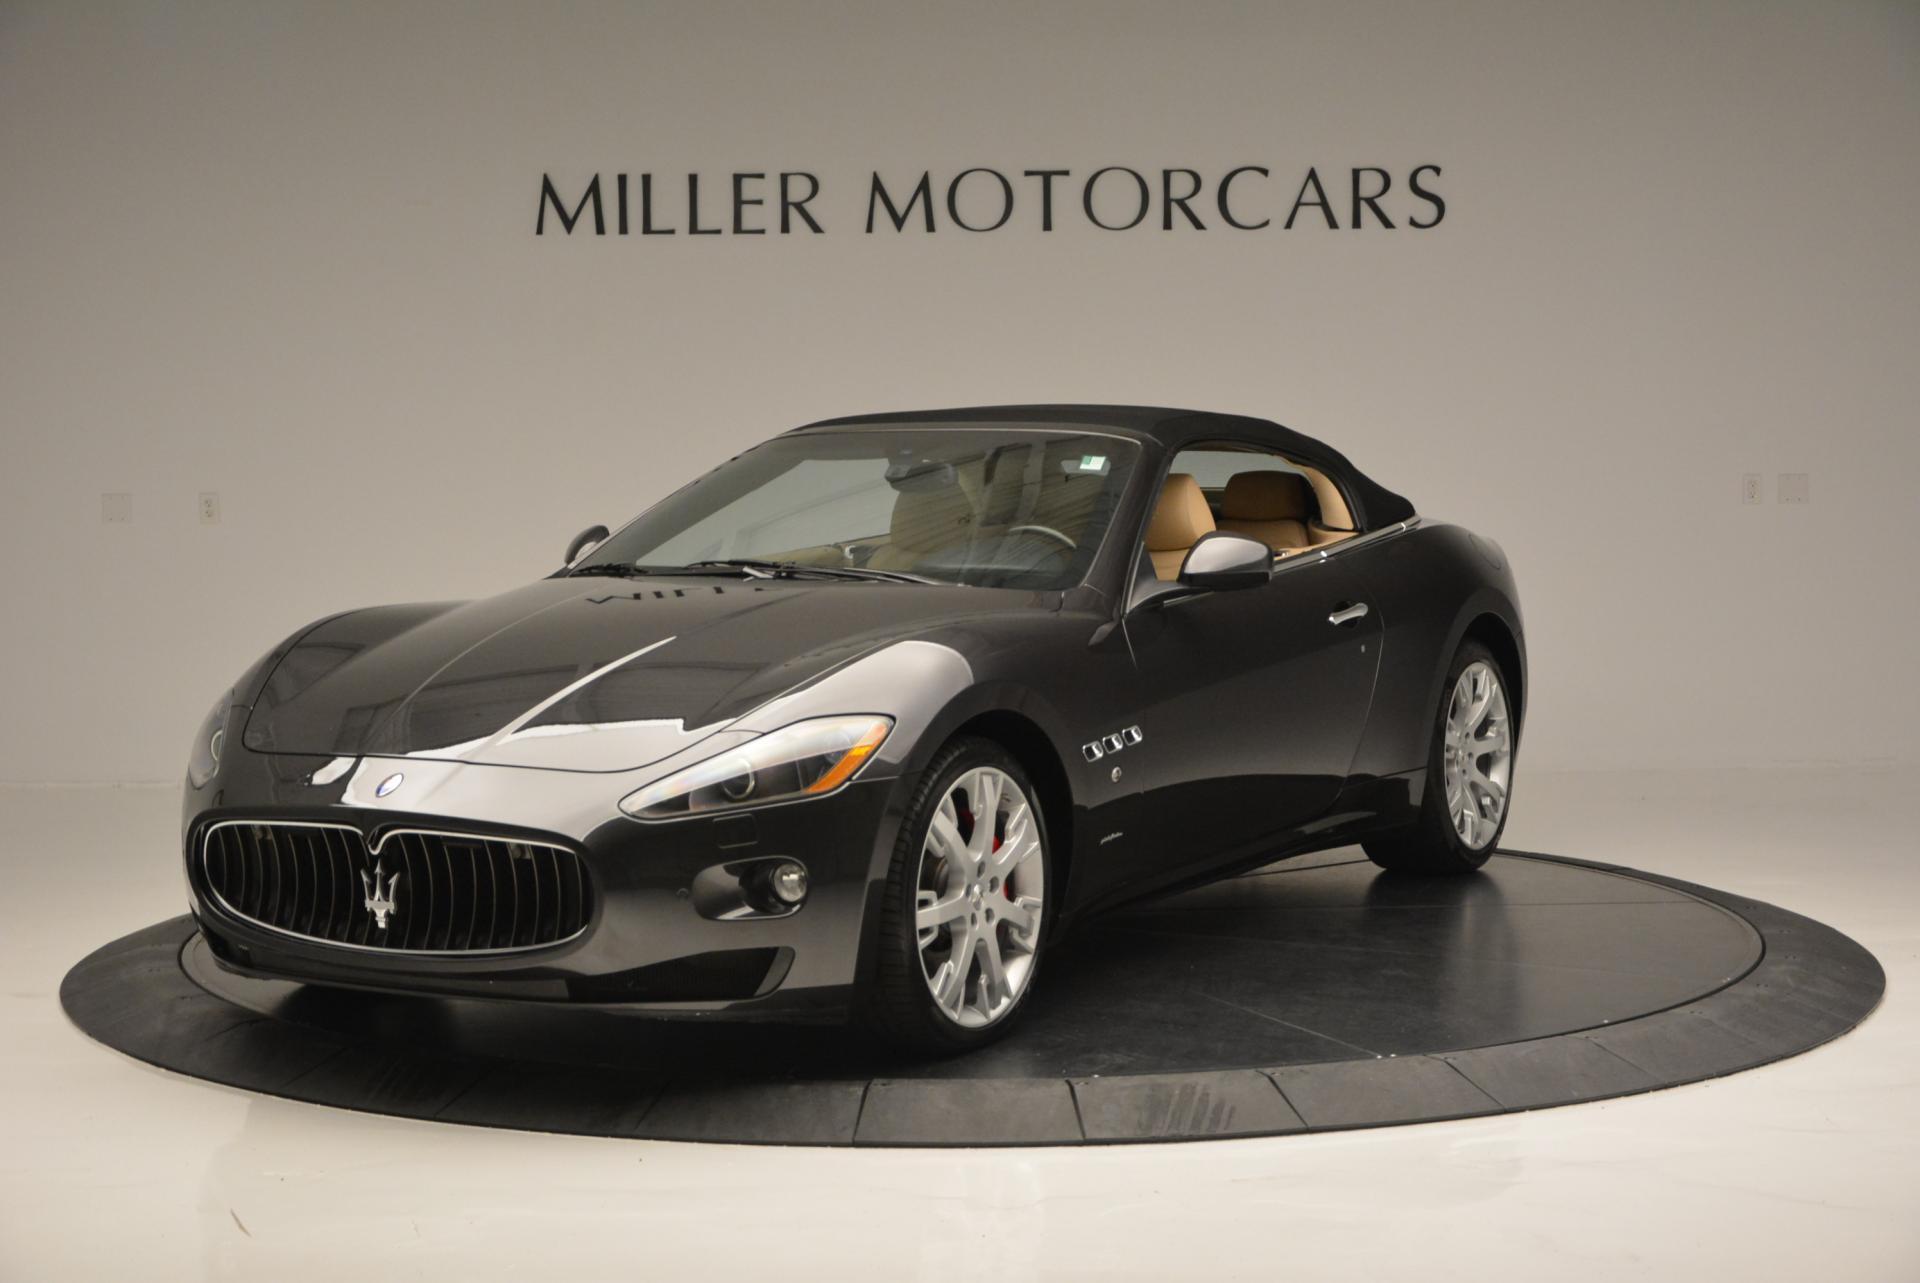 Used 2011 Maserati GranTurismo Base For Sale In Greenwich, CT 158_p13